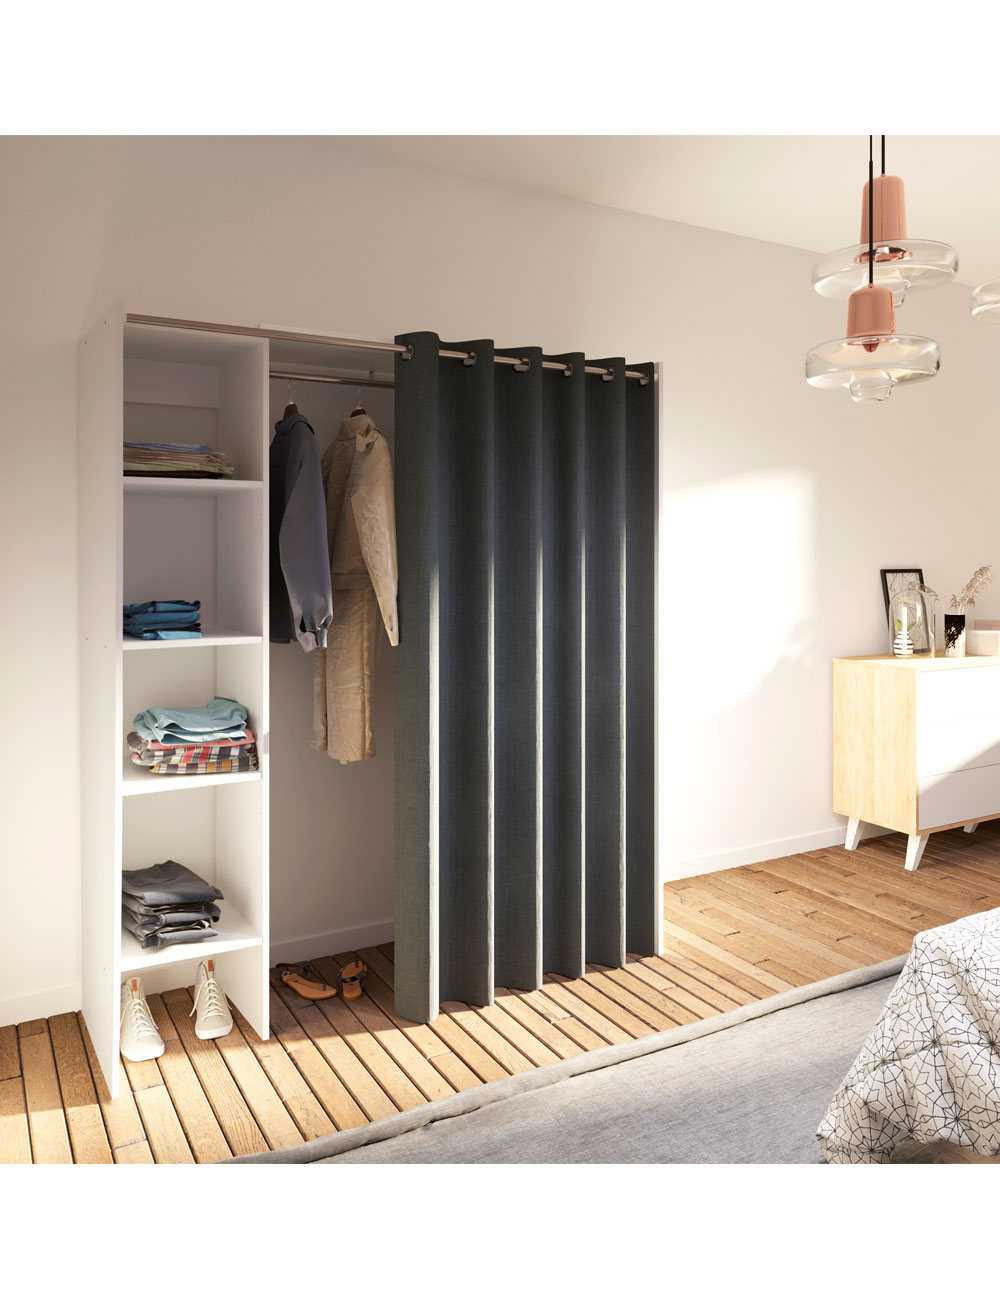 Rideau Pour Armoire Chambre : Armoire extensible «dressing avec rideau inclus